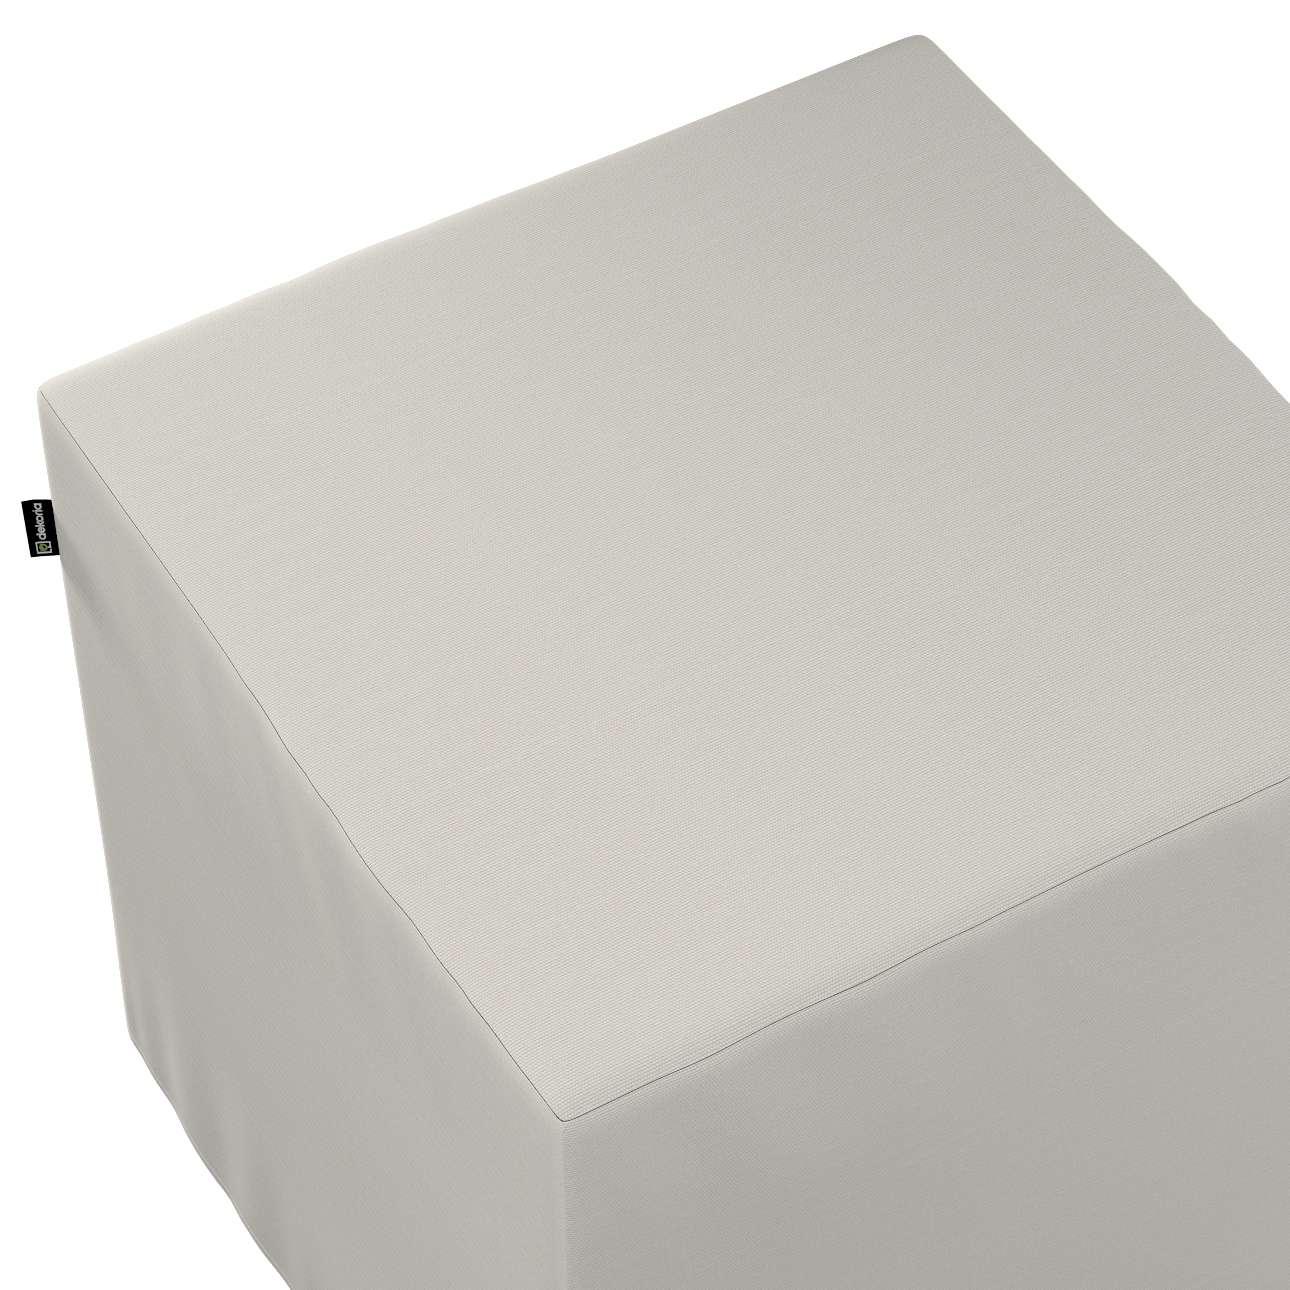 Bezug für Sitzwürfel von der Kollektion Cotton Panama, Stoff: 702-31